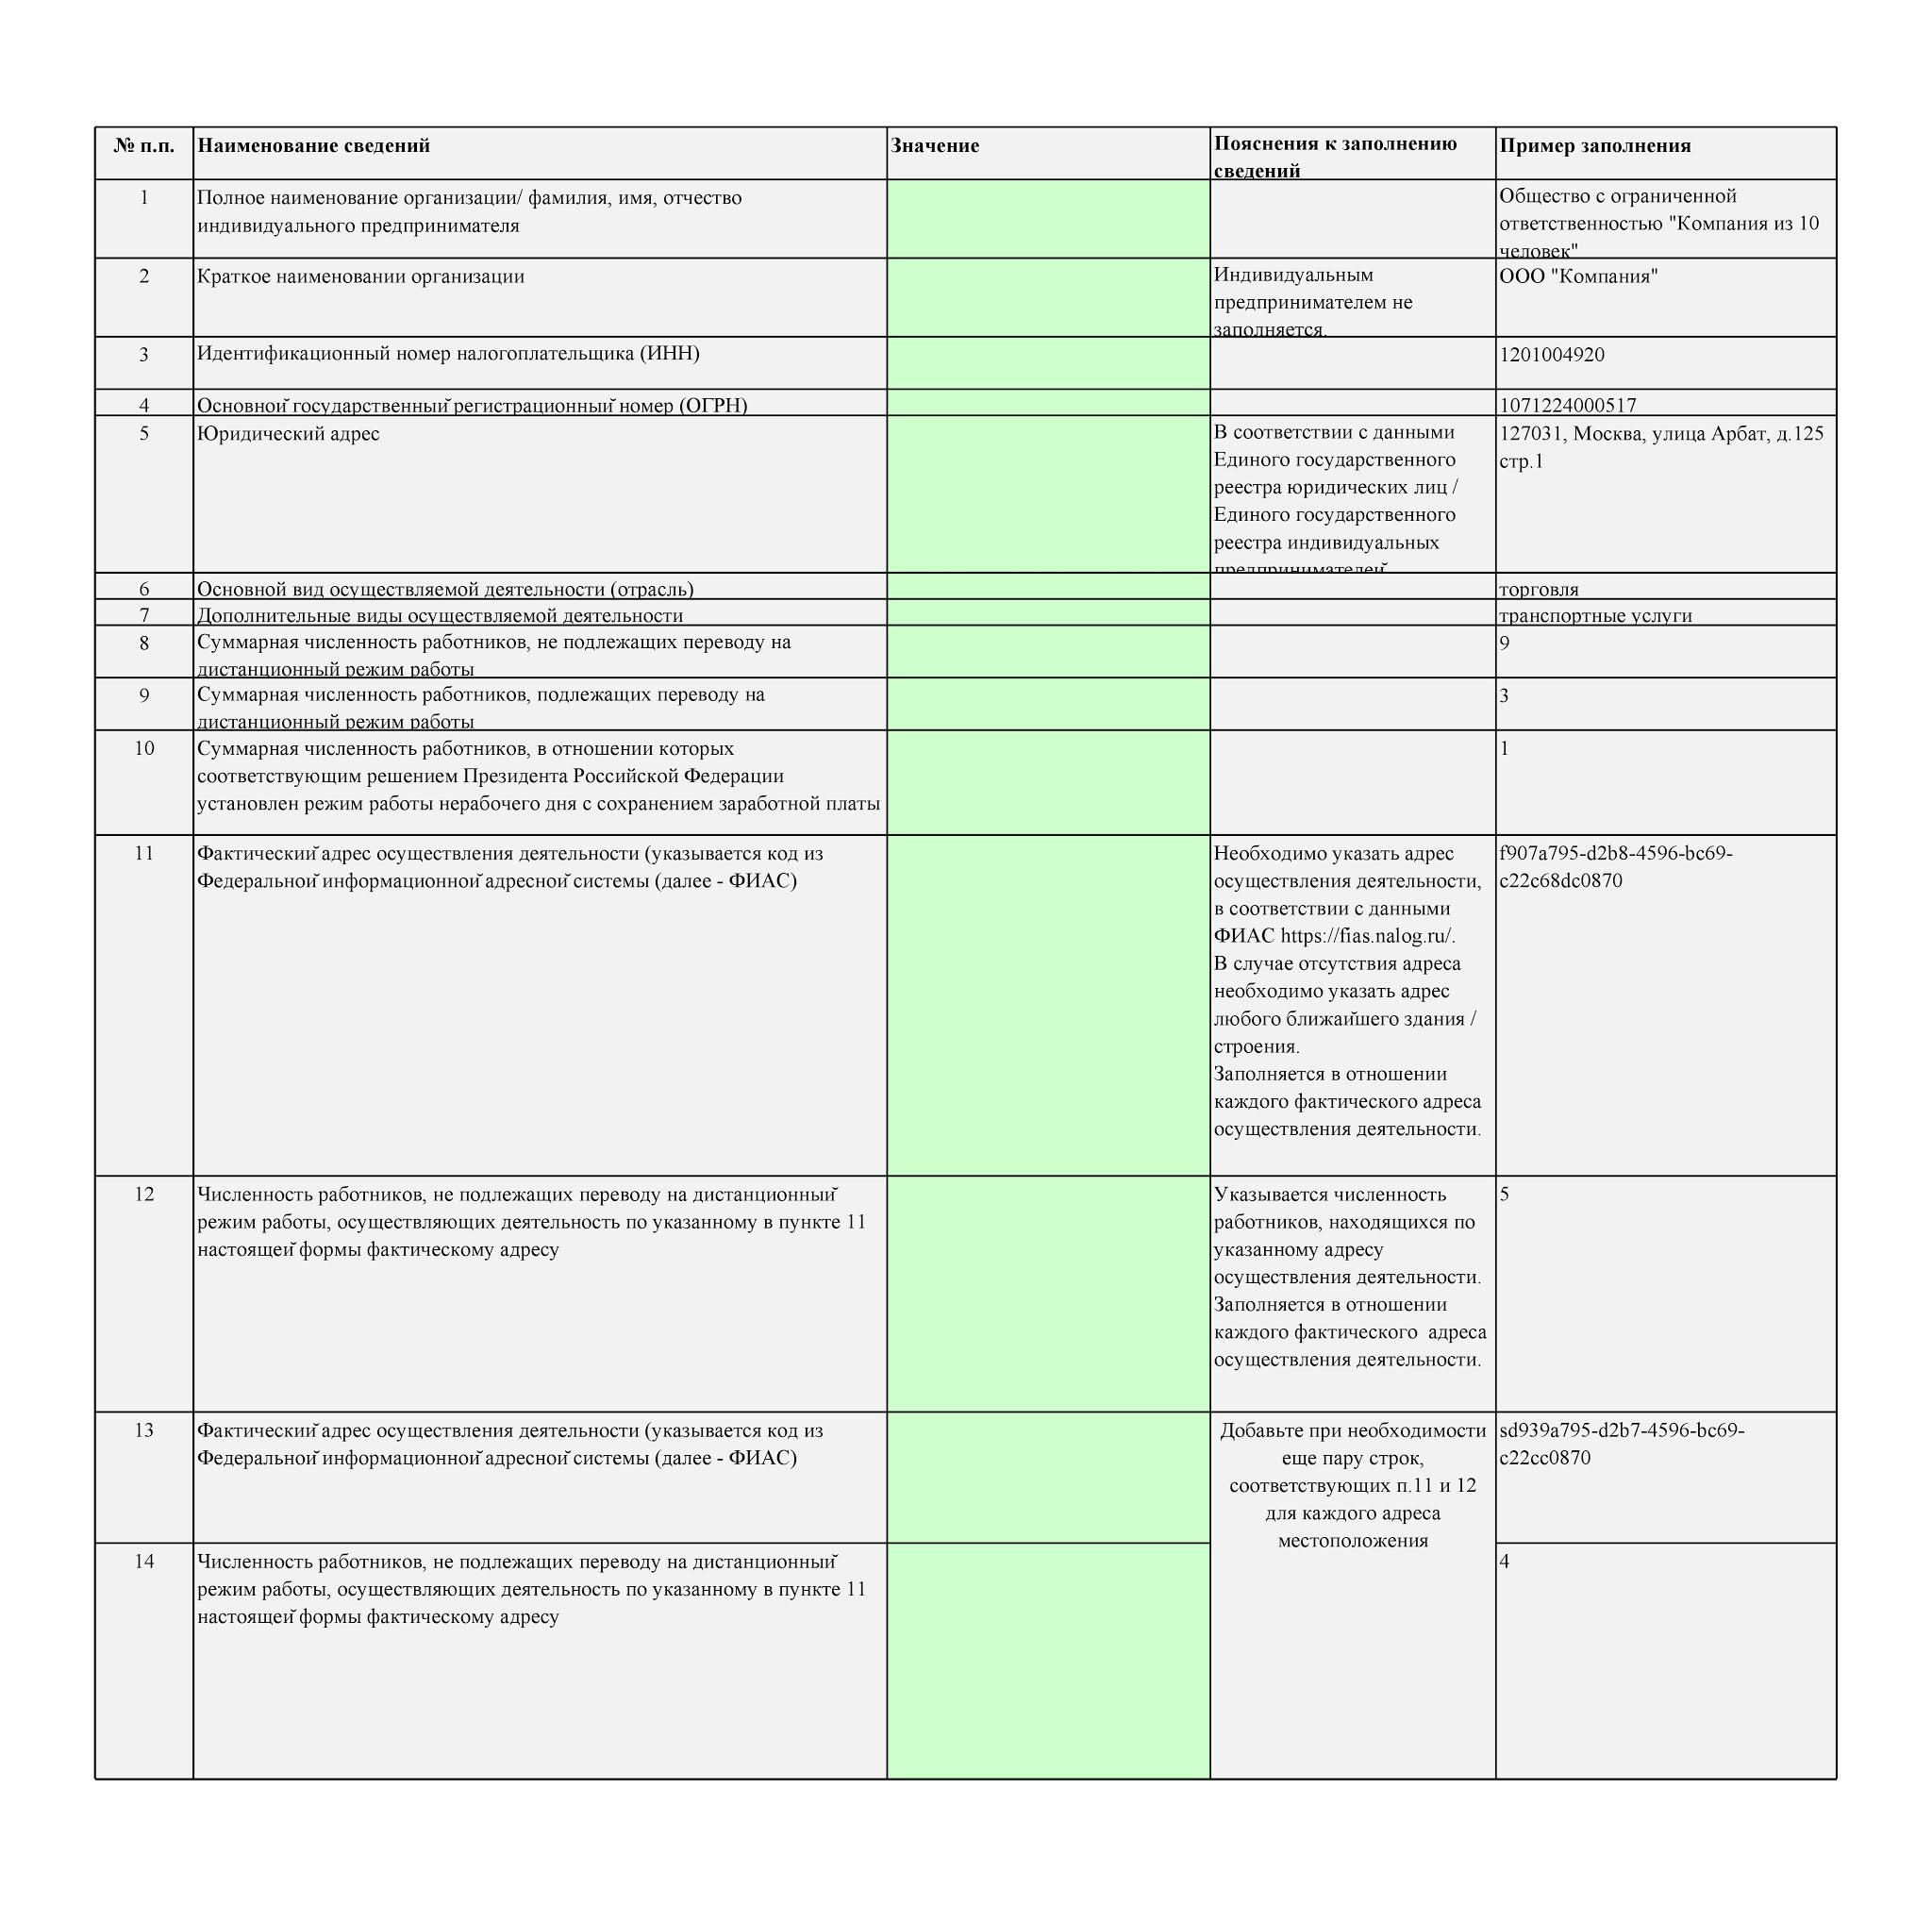 Приложение 4 к Указу Мэра Москвы (Форма предоставления сведений о численности работников организаций и индивидуальных предпринимателей) - Образец заполнения